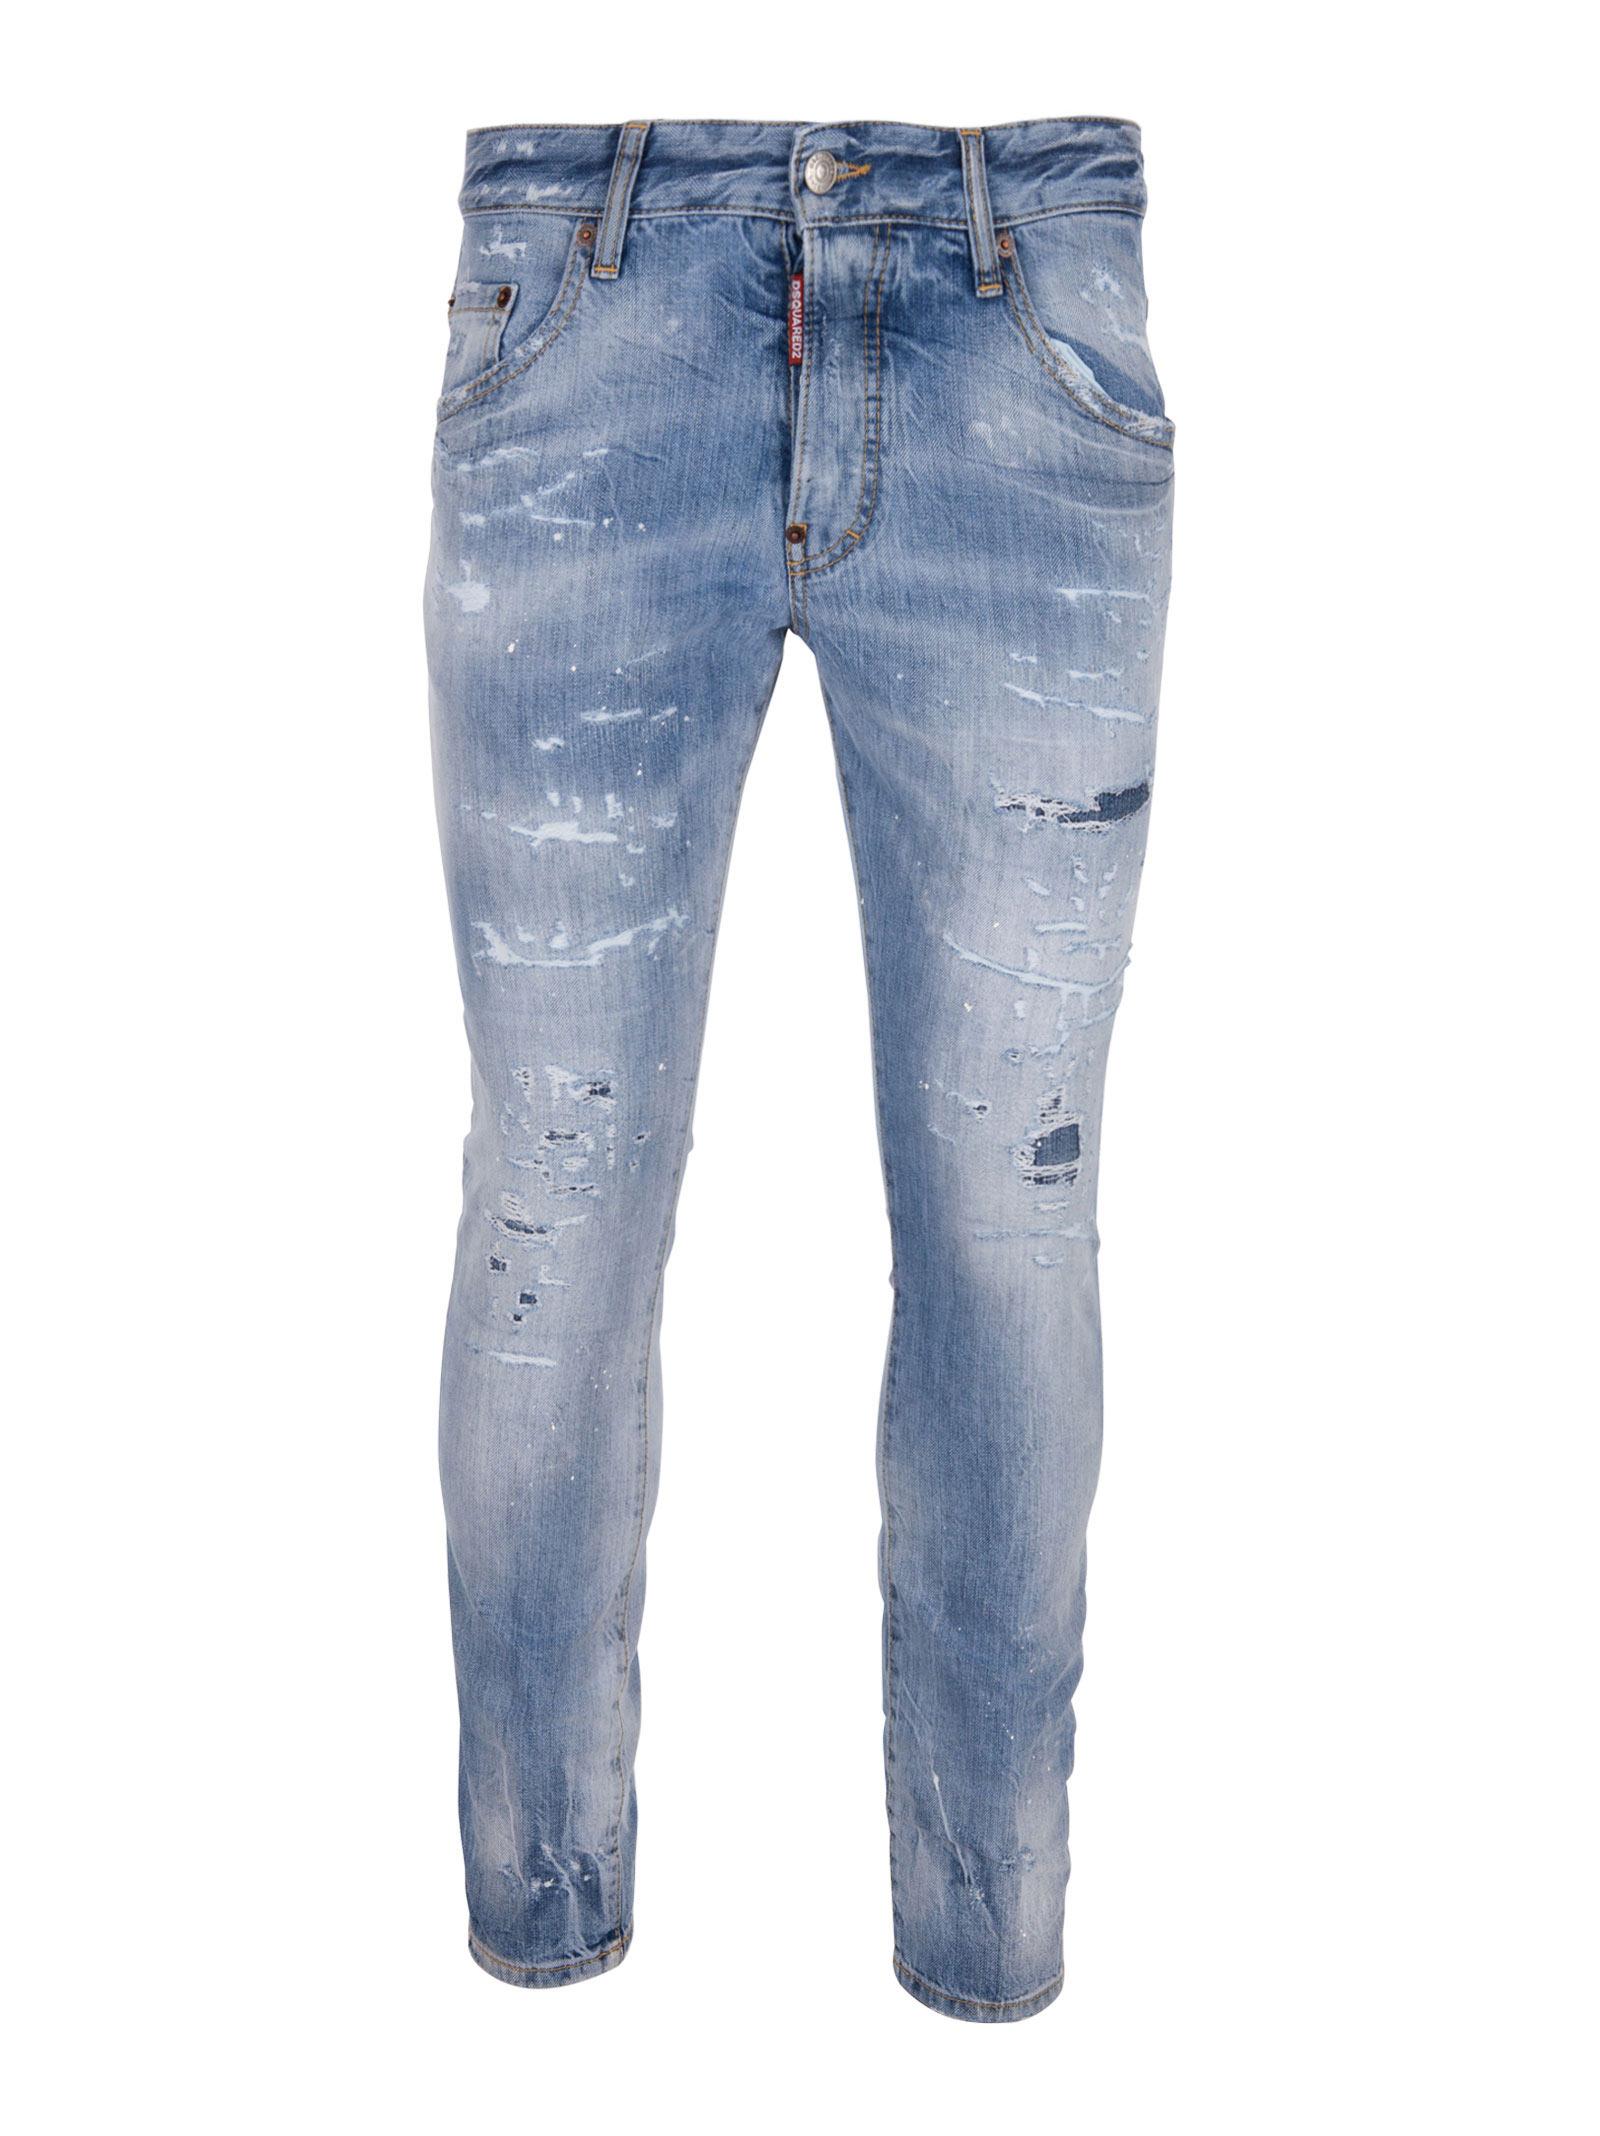 0f0e8c6ad5 Dsquared2 jeans - Dsquared2 - Michele Franzese Moda